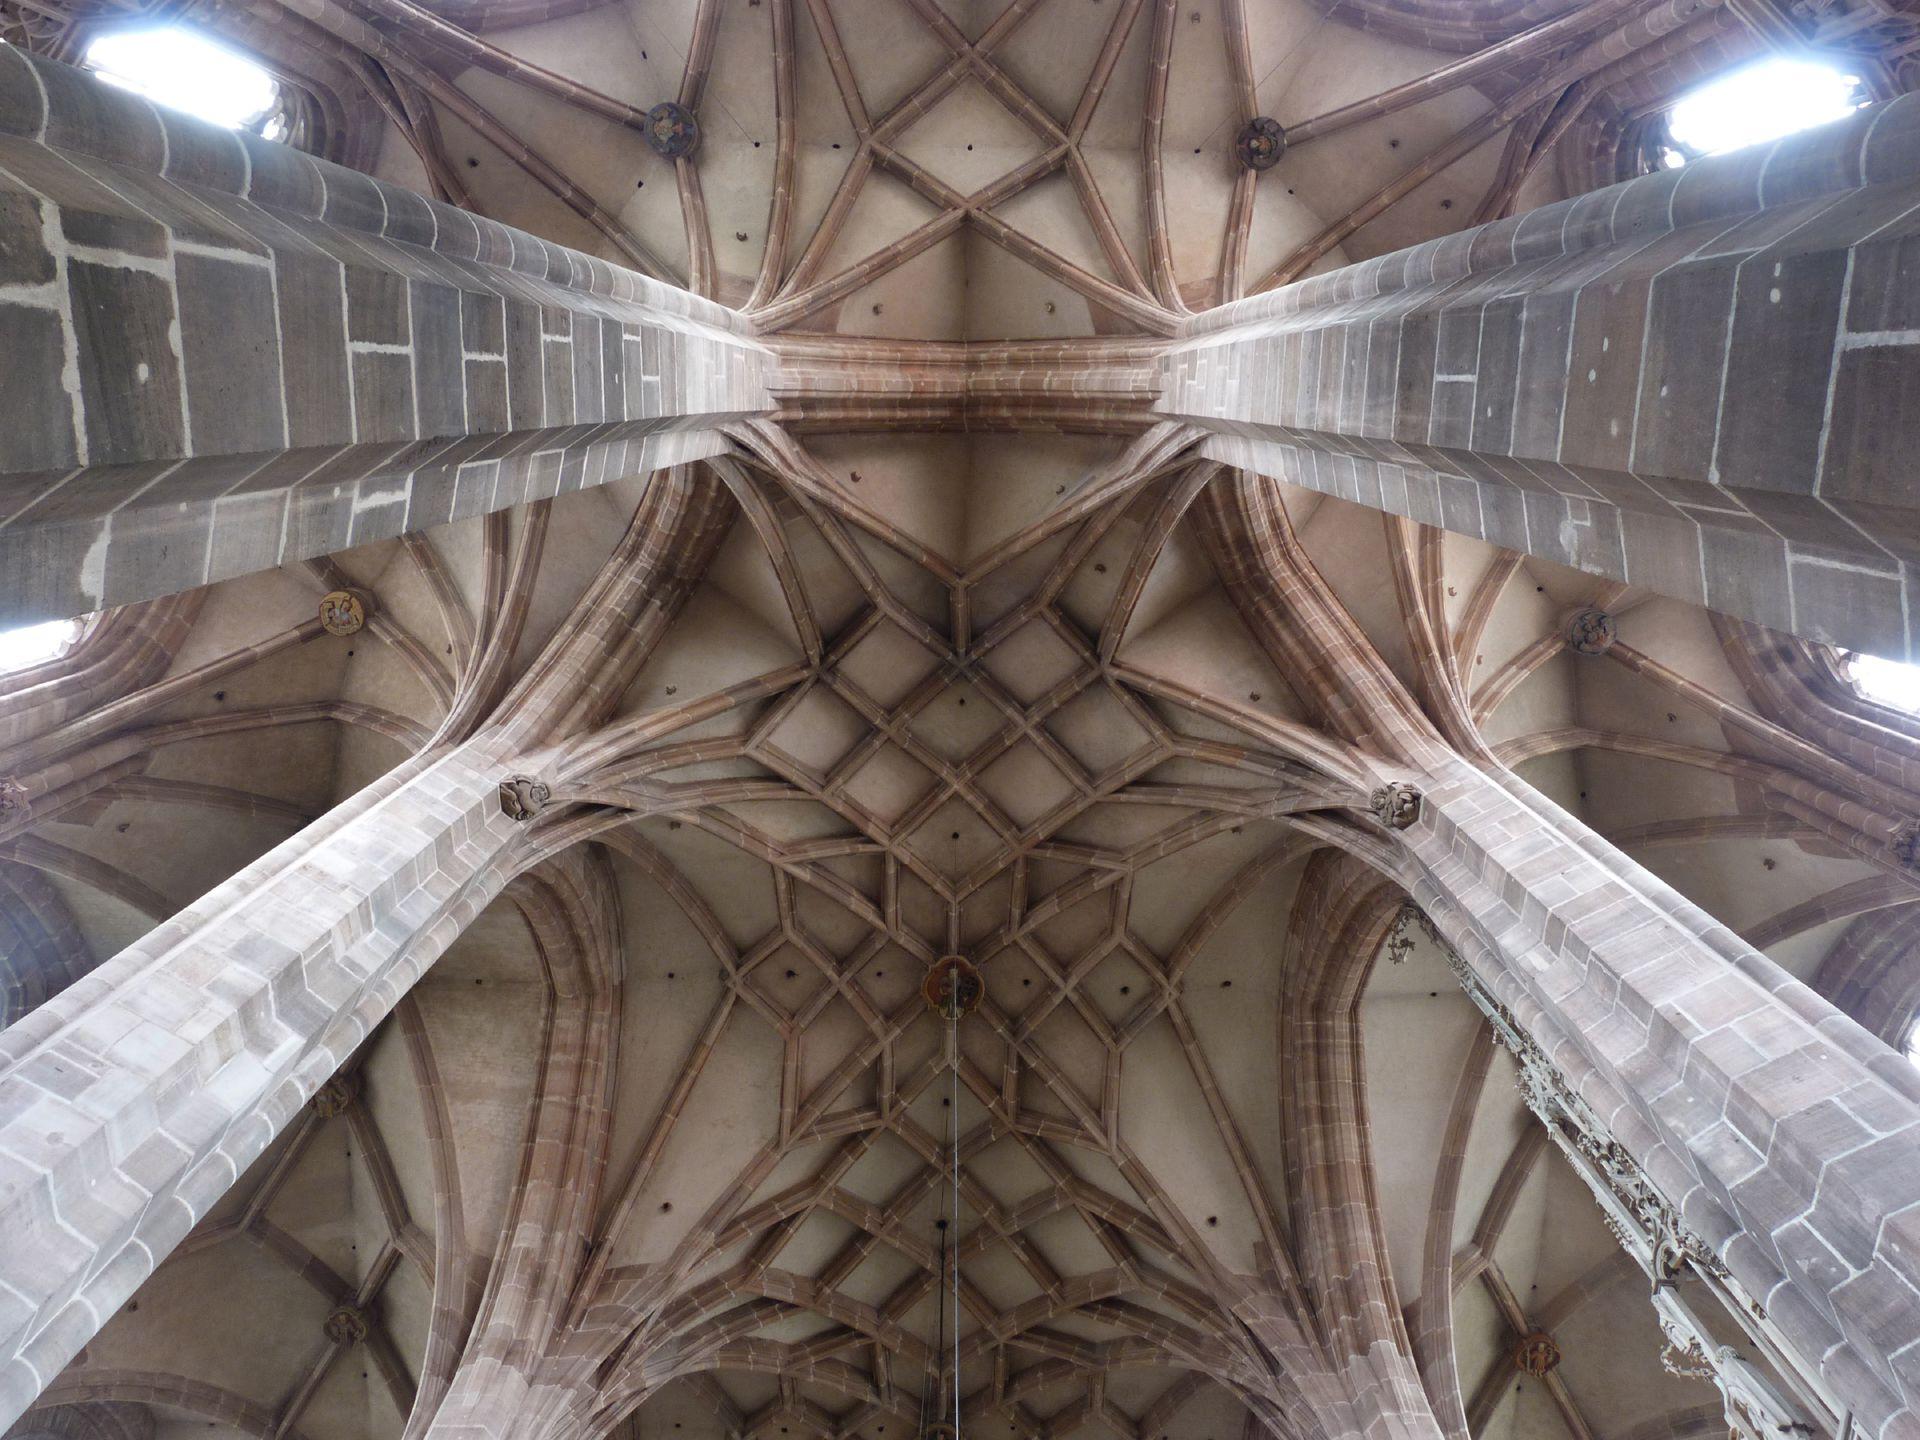 St. Lorenz, Hallenchor, Bauphase Jakob Grimm Chorgewölbe zwischen dem östlichsten Pfeilerpaar